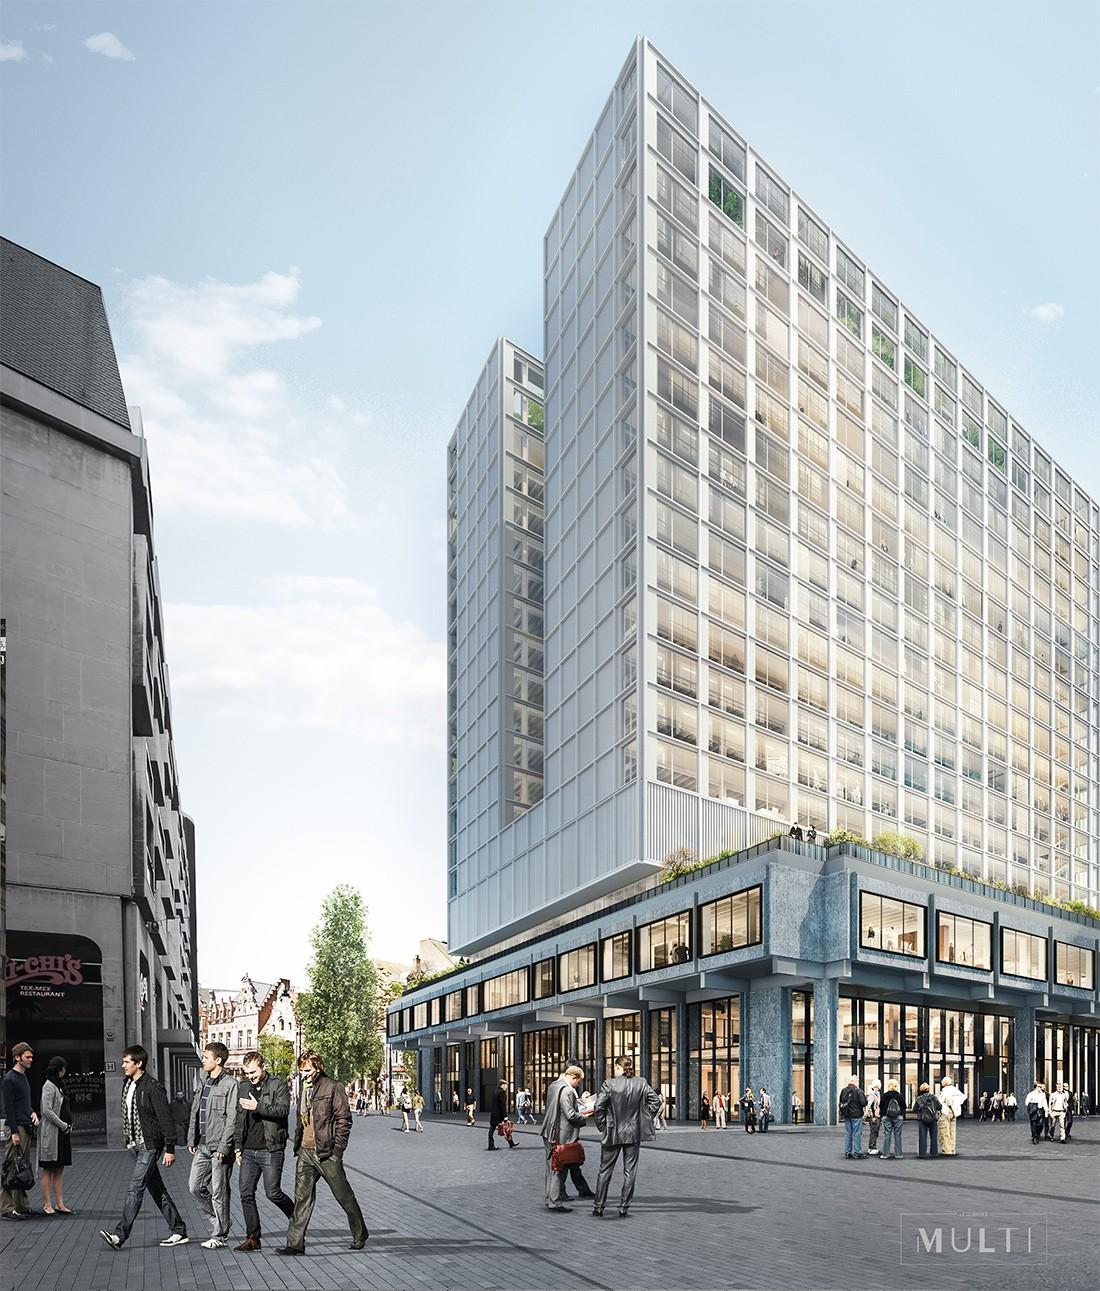 La prestigiosa constructora belga Cordeel ha contratado a STRUNOR la realización del edificio Multi Tower Brouckere